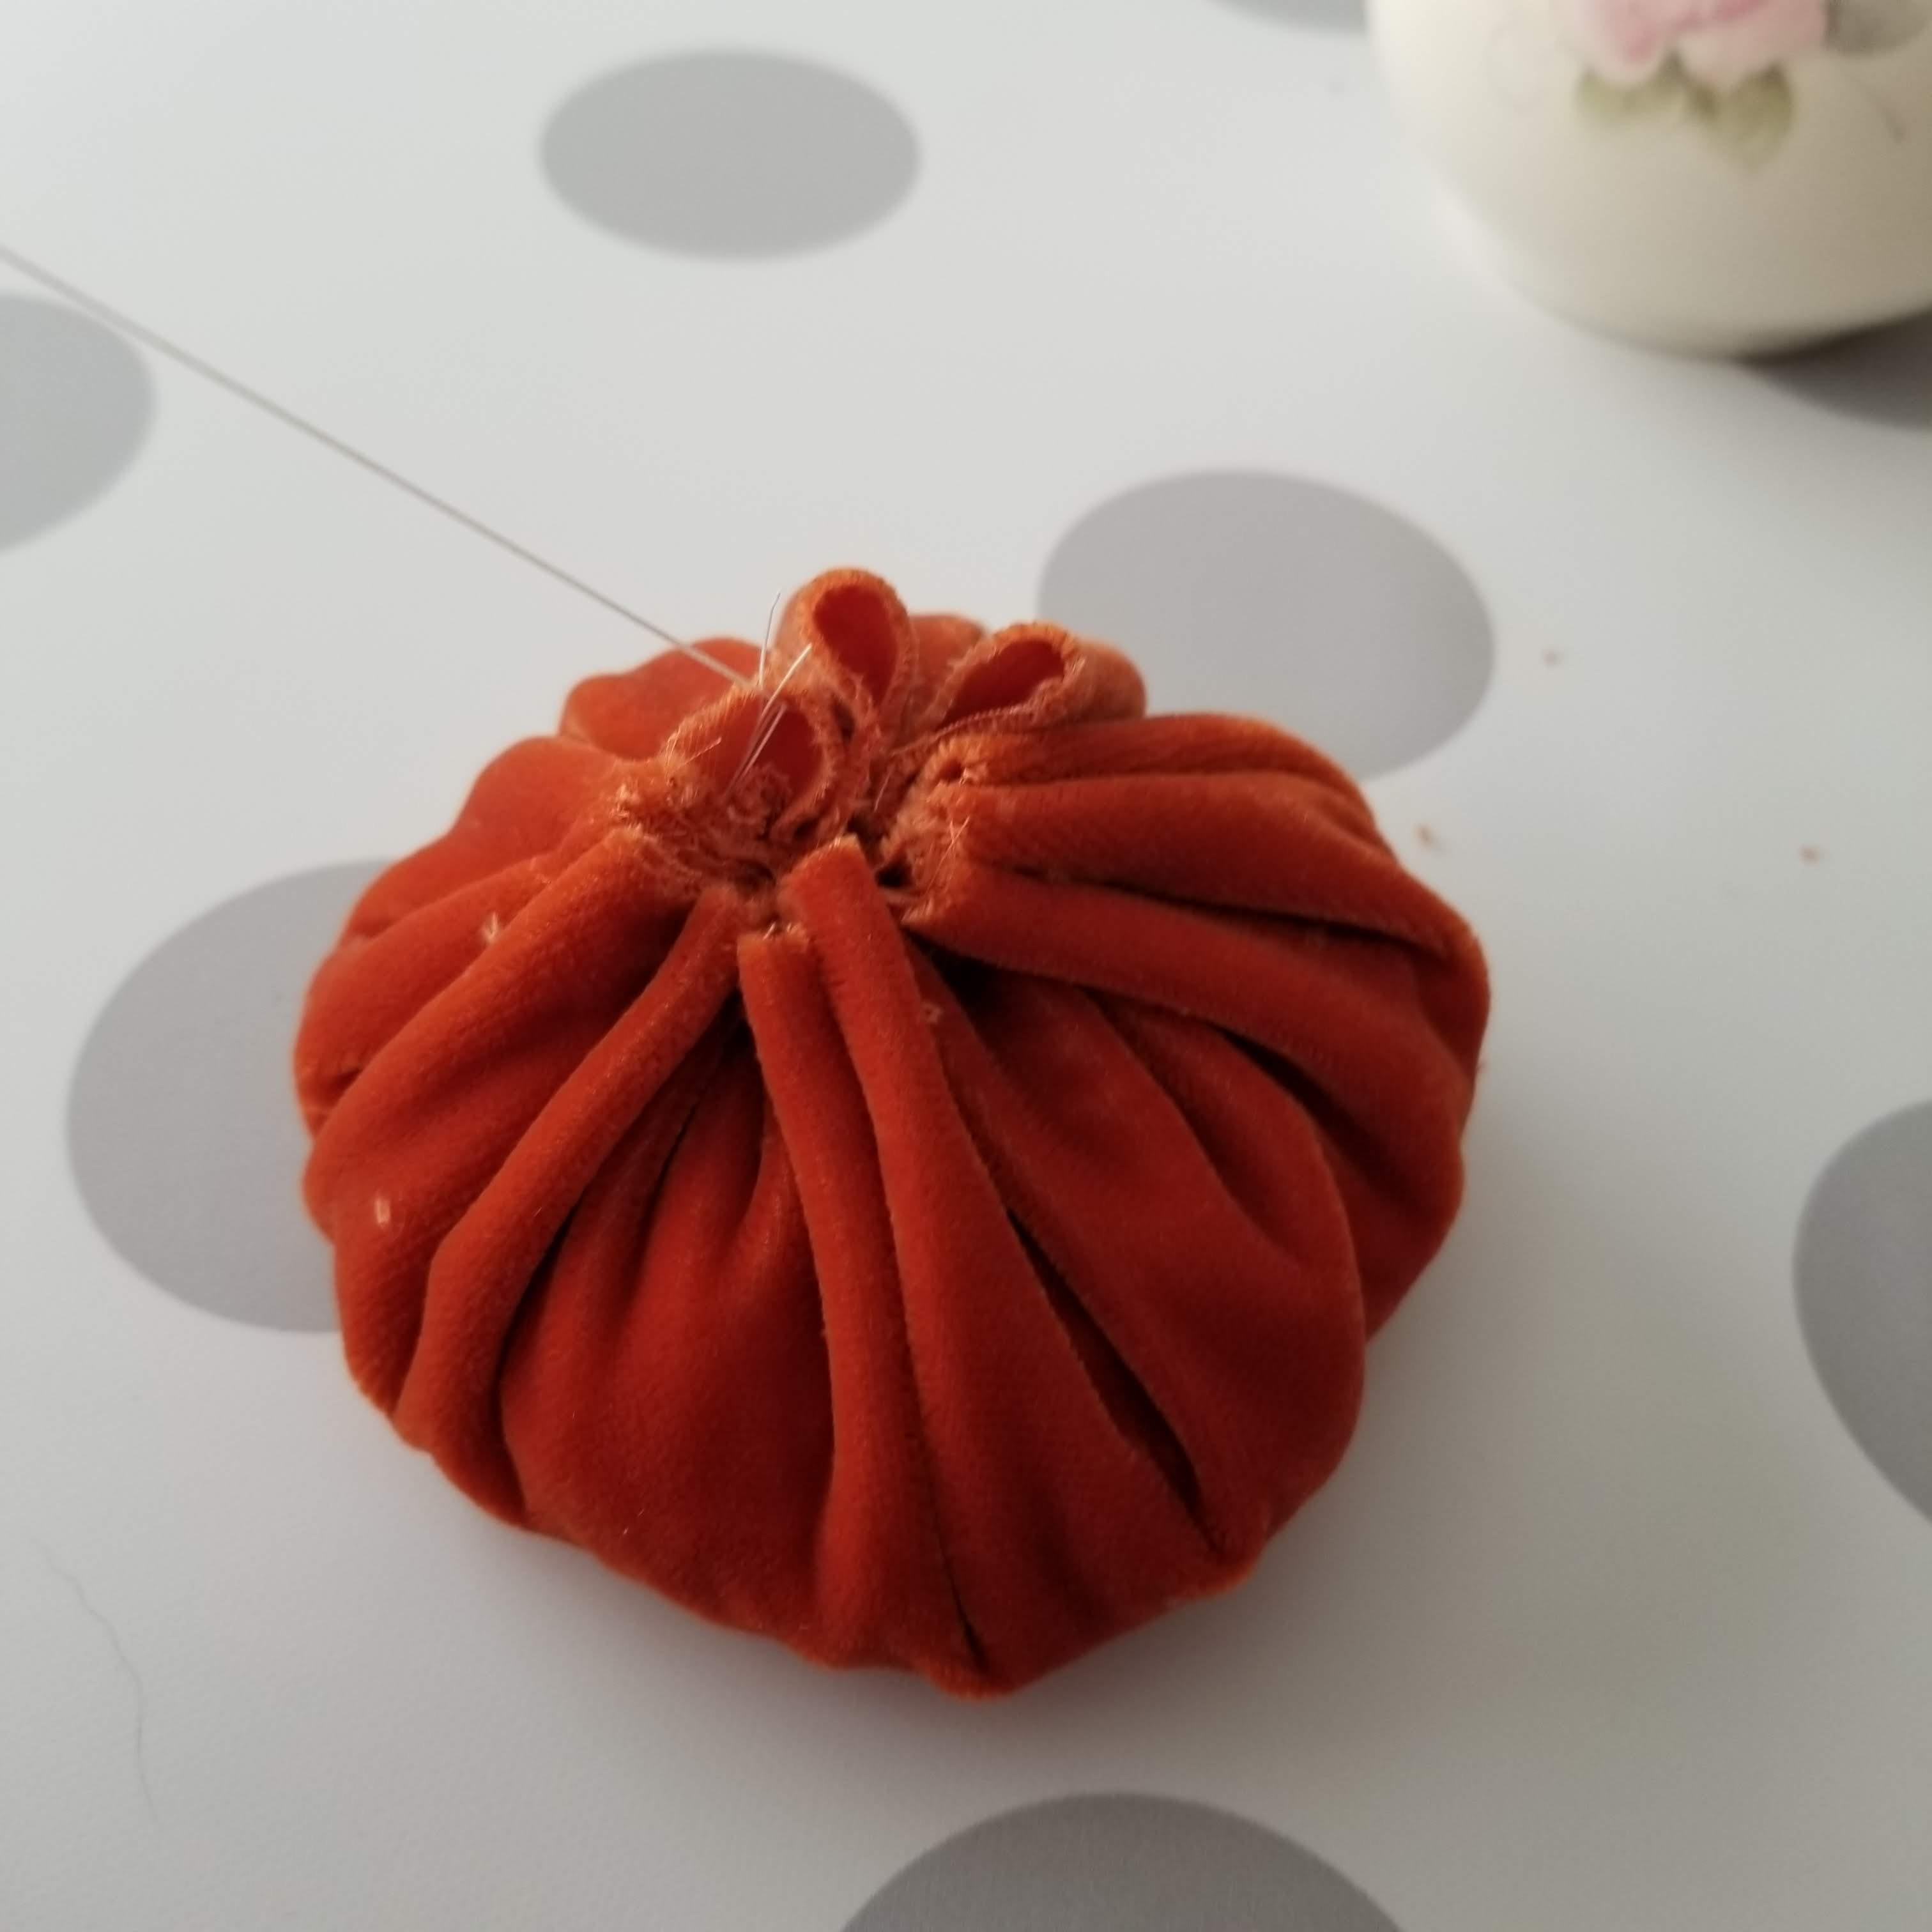 cinch felt pumpkin stuffed